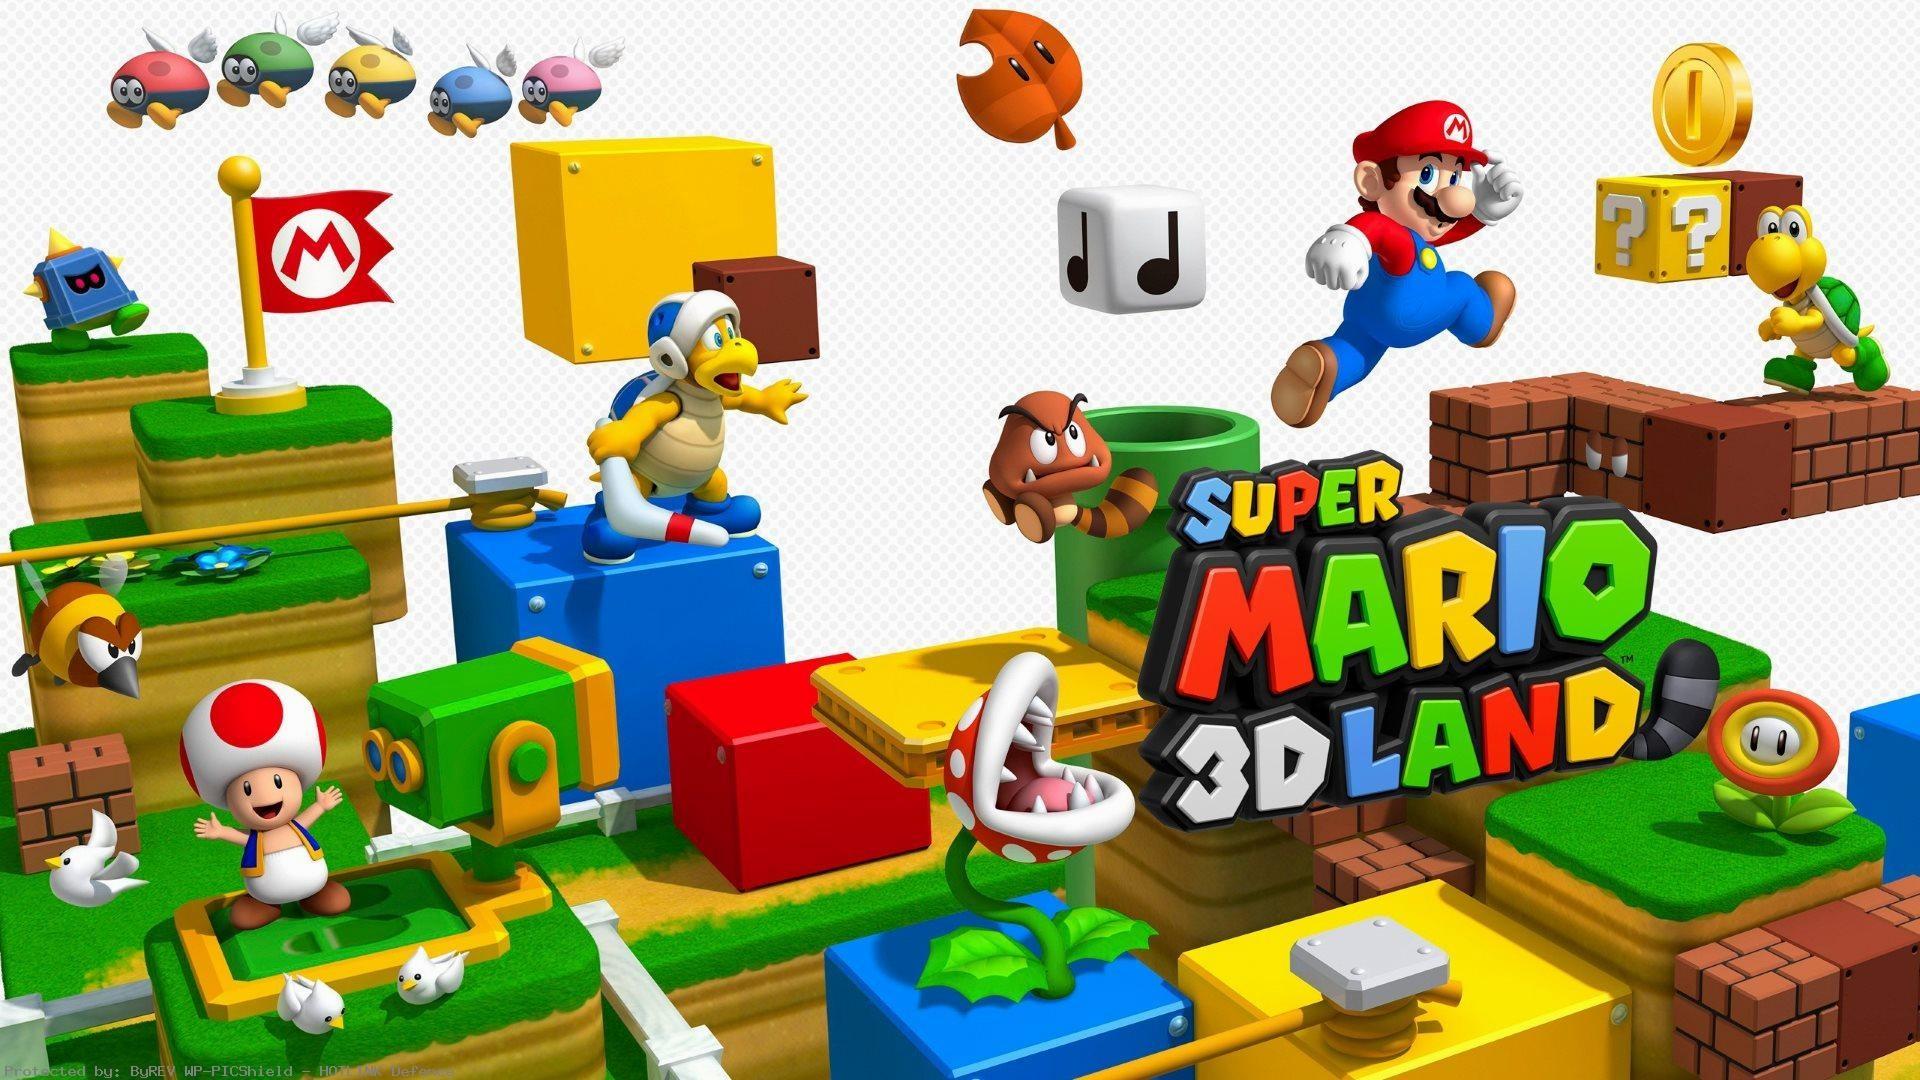 Super-Mario-Bros-HD-desktop-Widescreen-High-wallpaper-